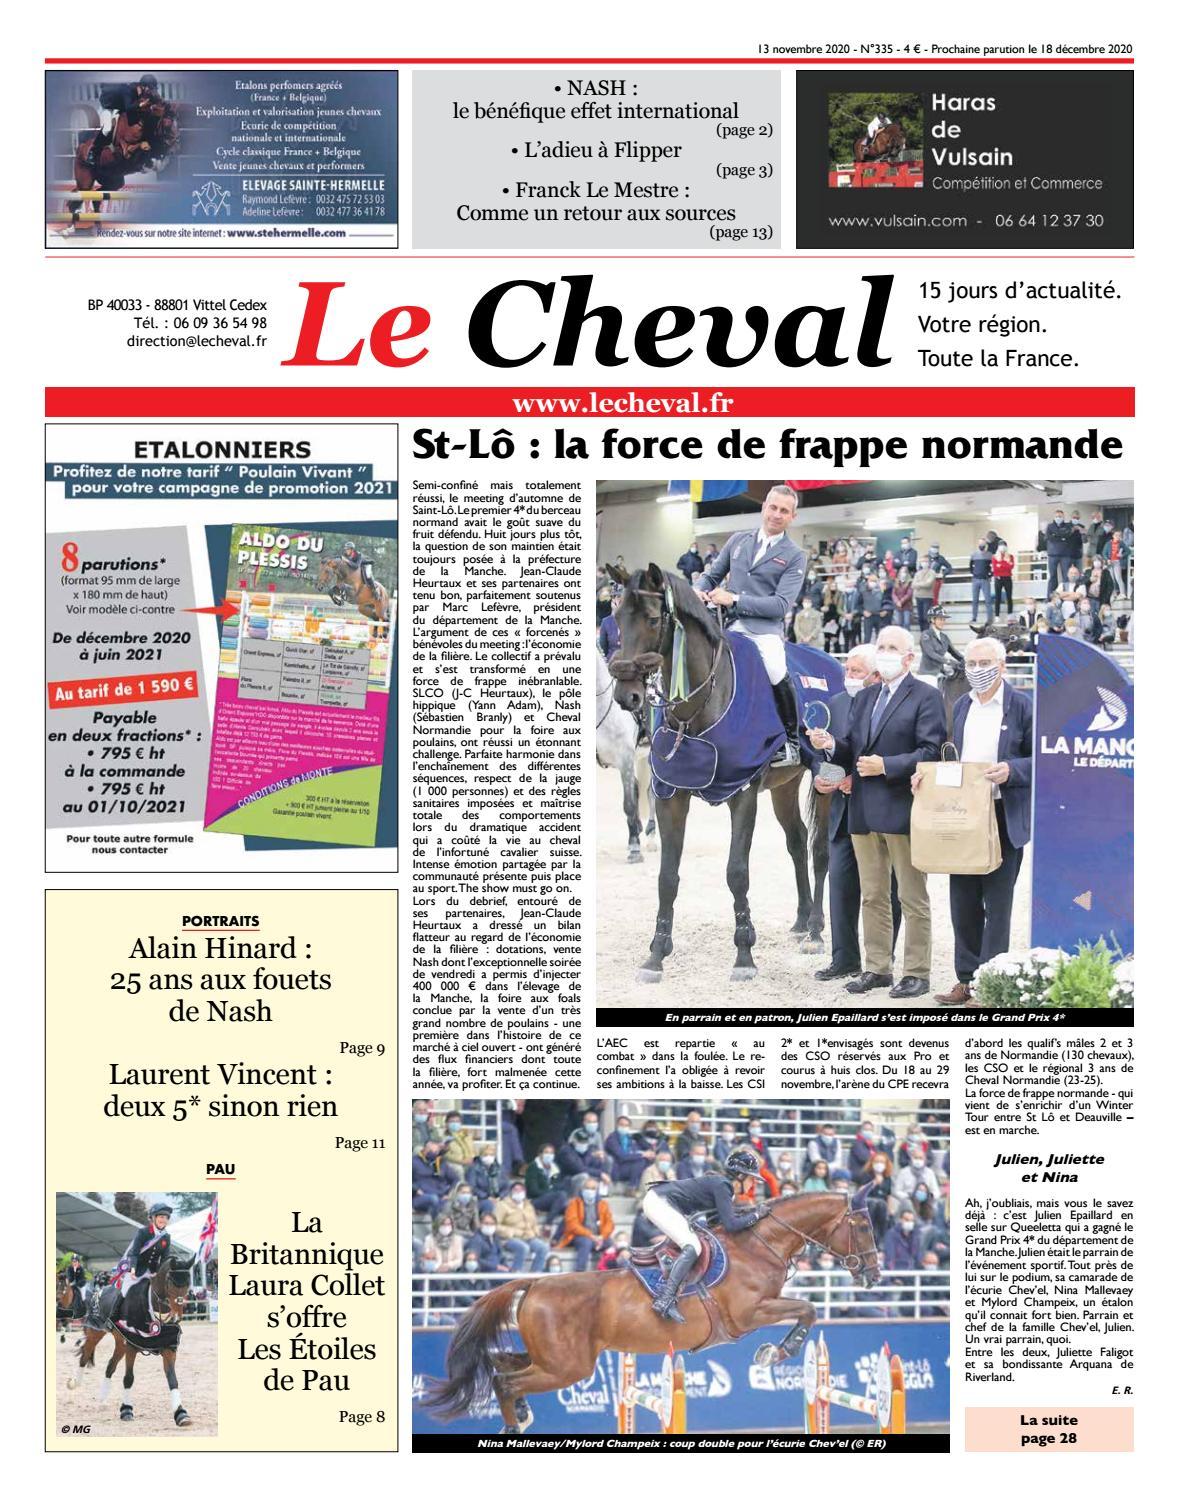 pdf - 2,40 Mo - Ville de Vincennes